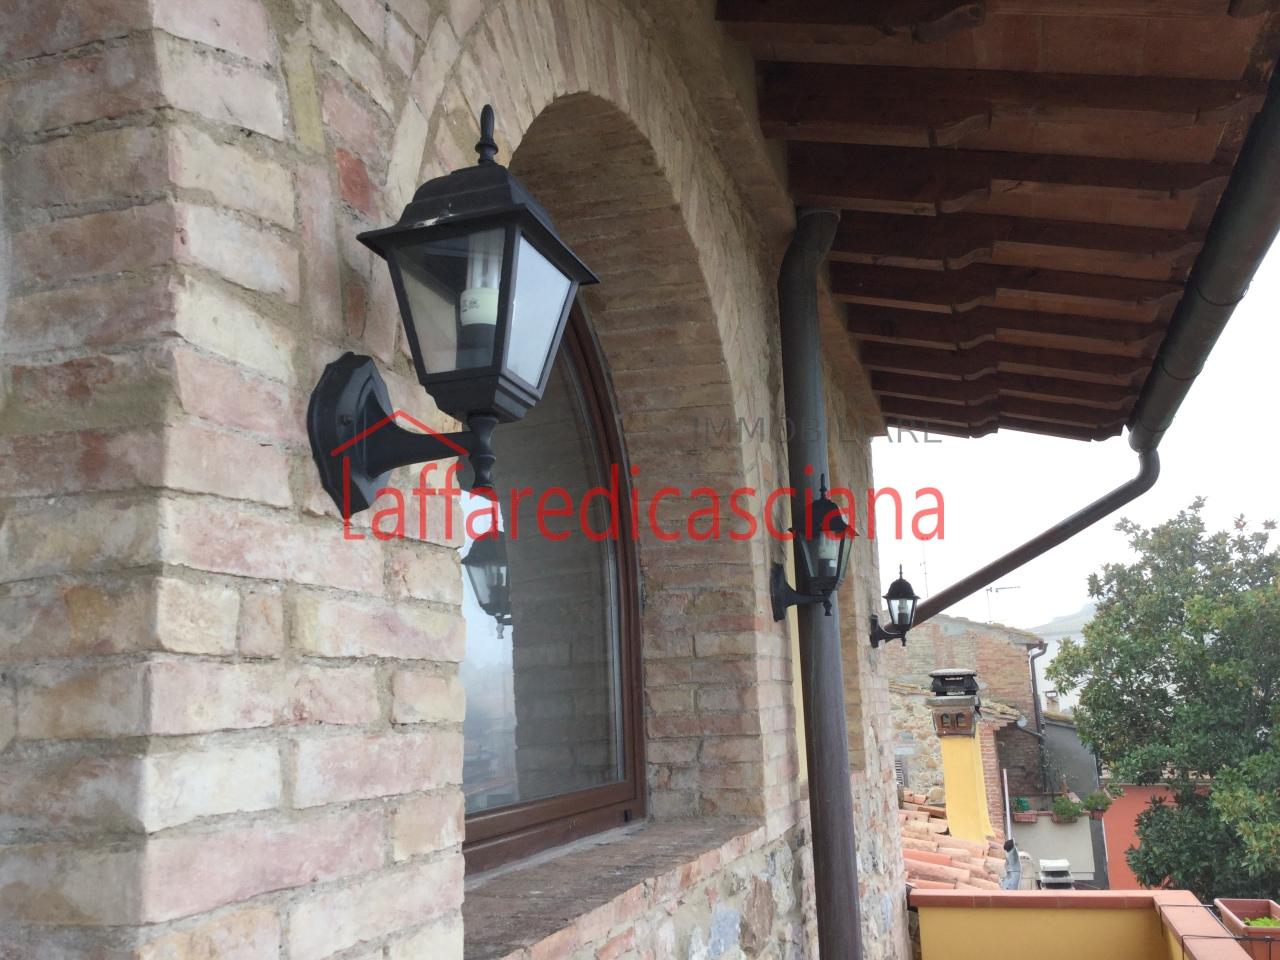 Appartamento in vendita - Lajatico